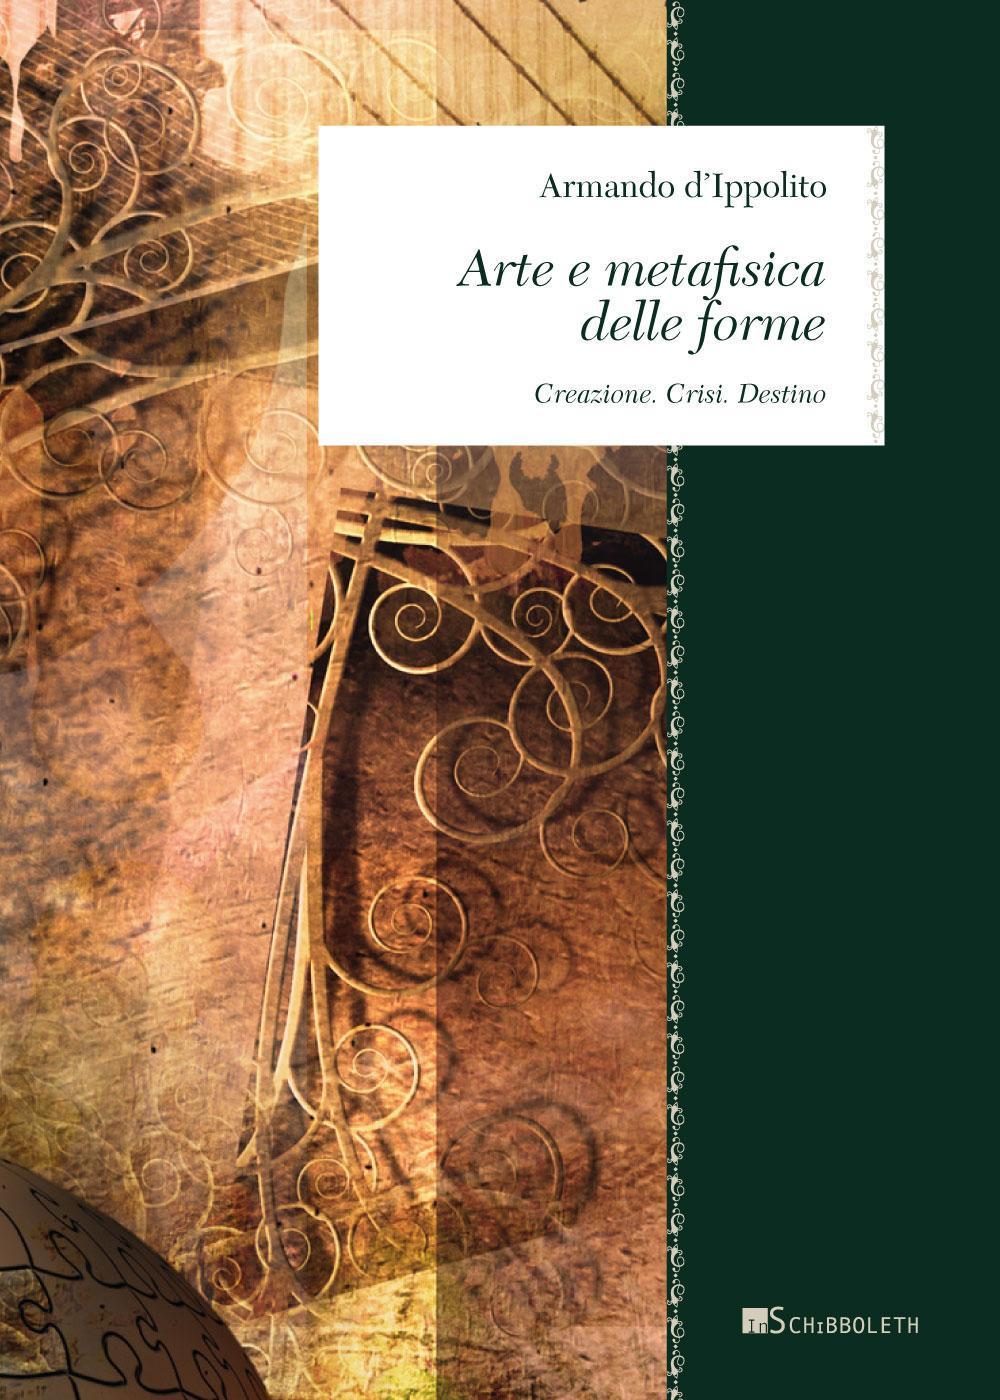 Arte e metafisica delle for...